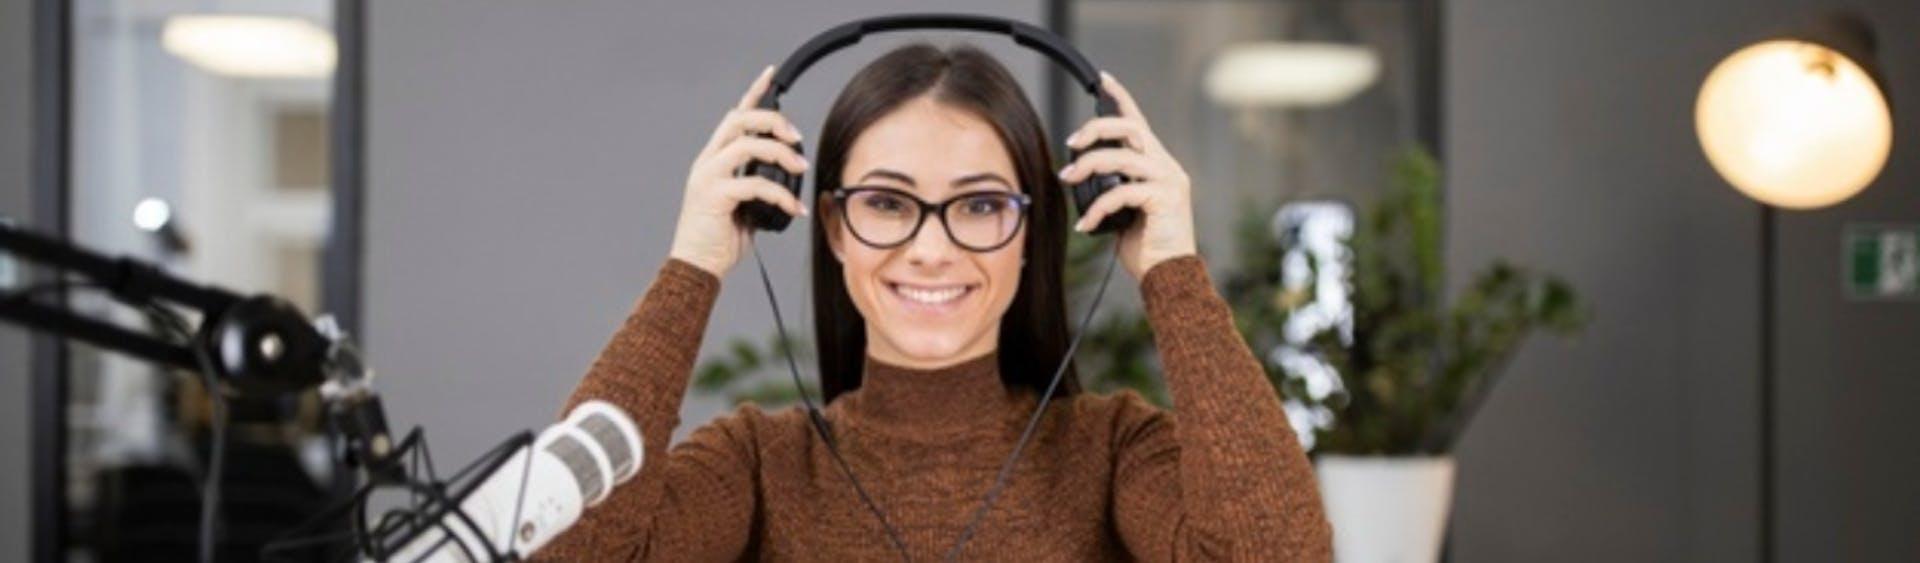 ¿Cómo iniciar un podcast? ¡Haz que tus ideas suenen!